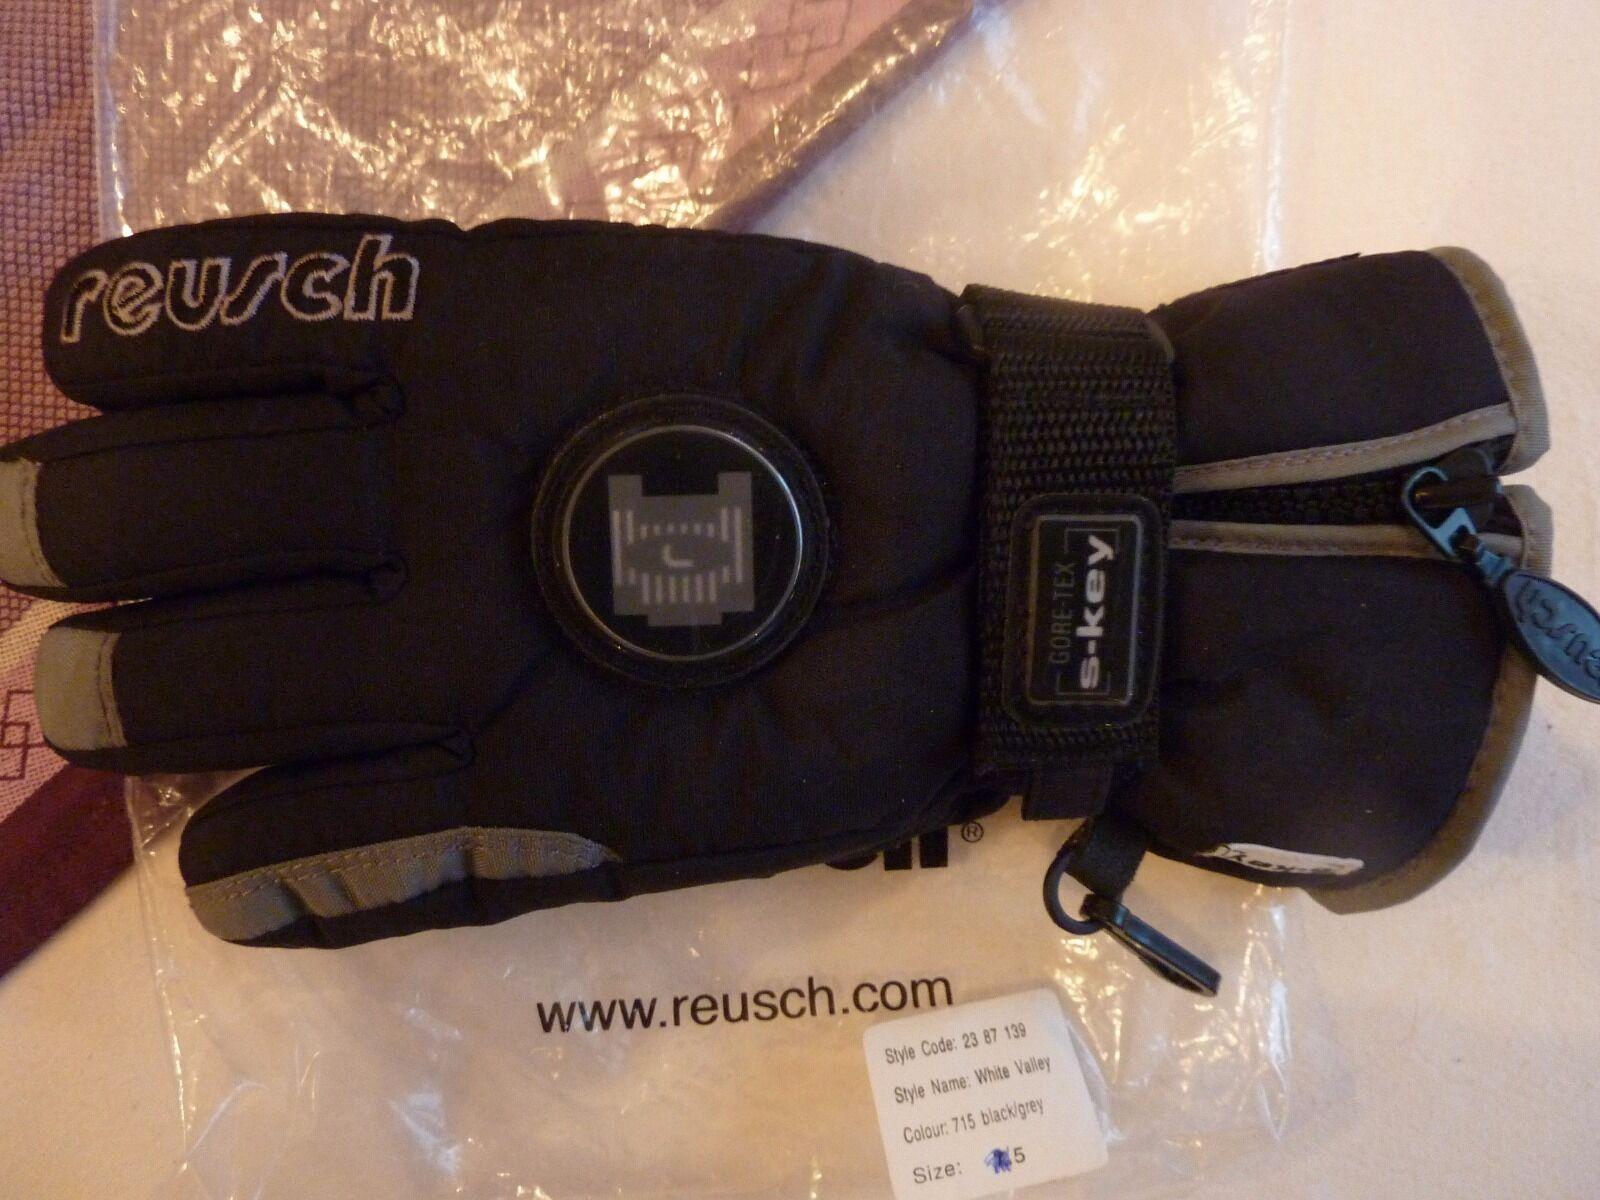 Reusch Gr. Skihandschuhe Gr. Reusch 5 - GoreTex mit Echtleder und Thinsulate Füllung 48d5b5